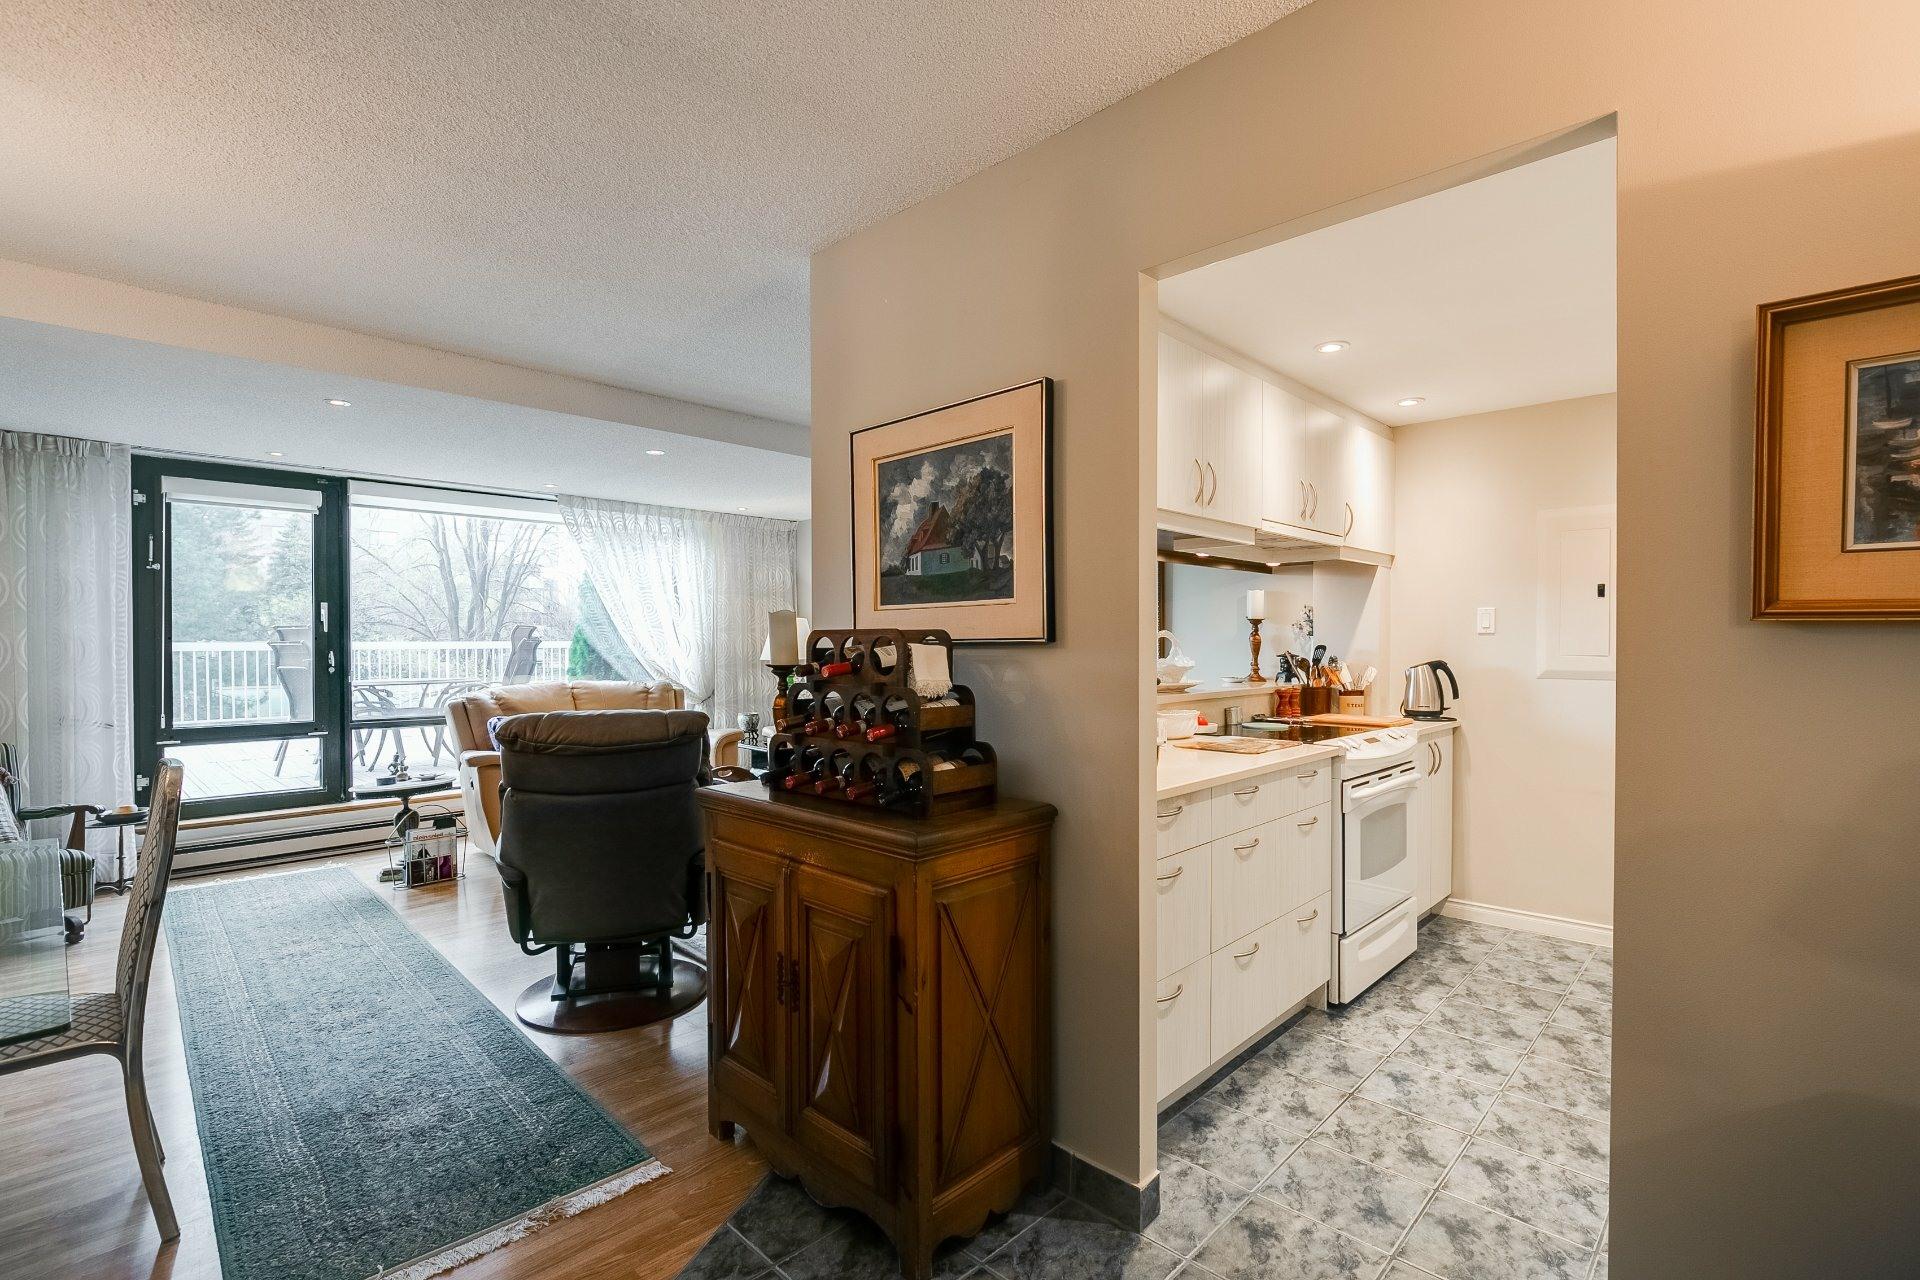 image 3 - Appartement À vendre Montréal Verdun/Île-des-Soeurs  - 6 pièces